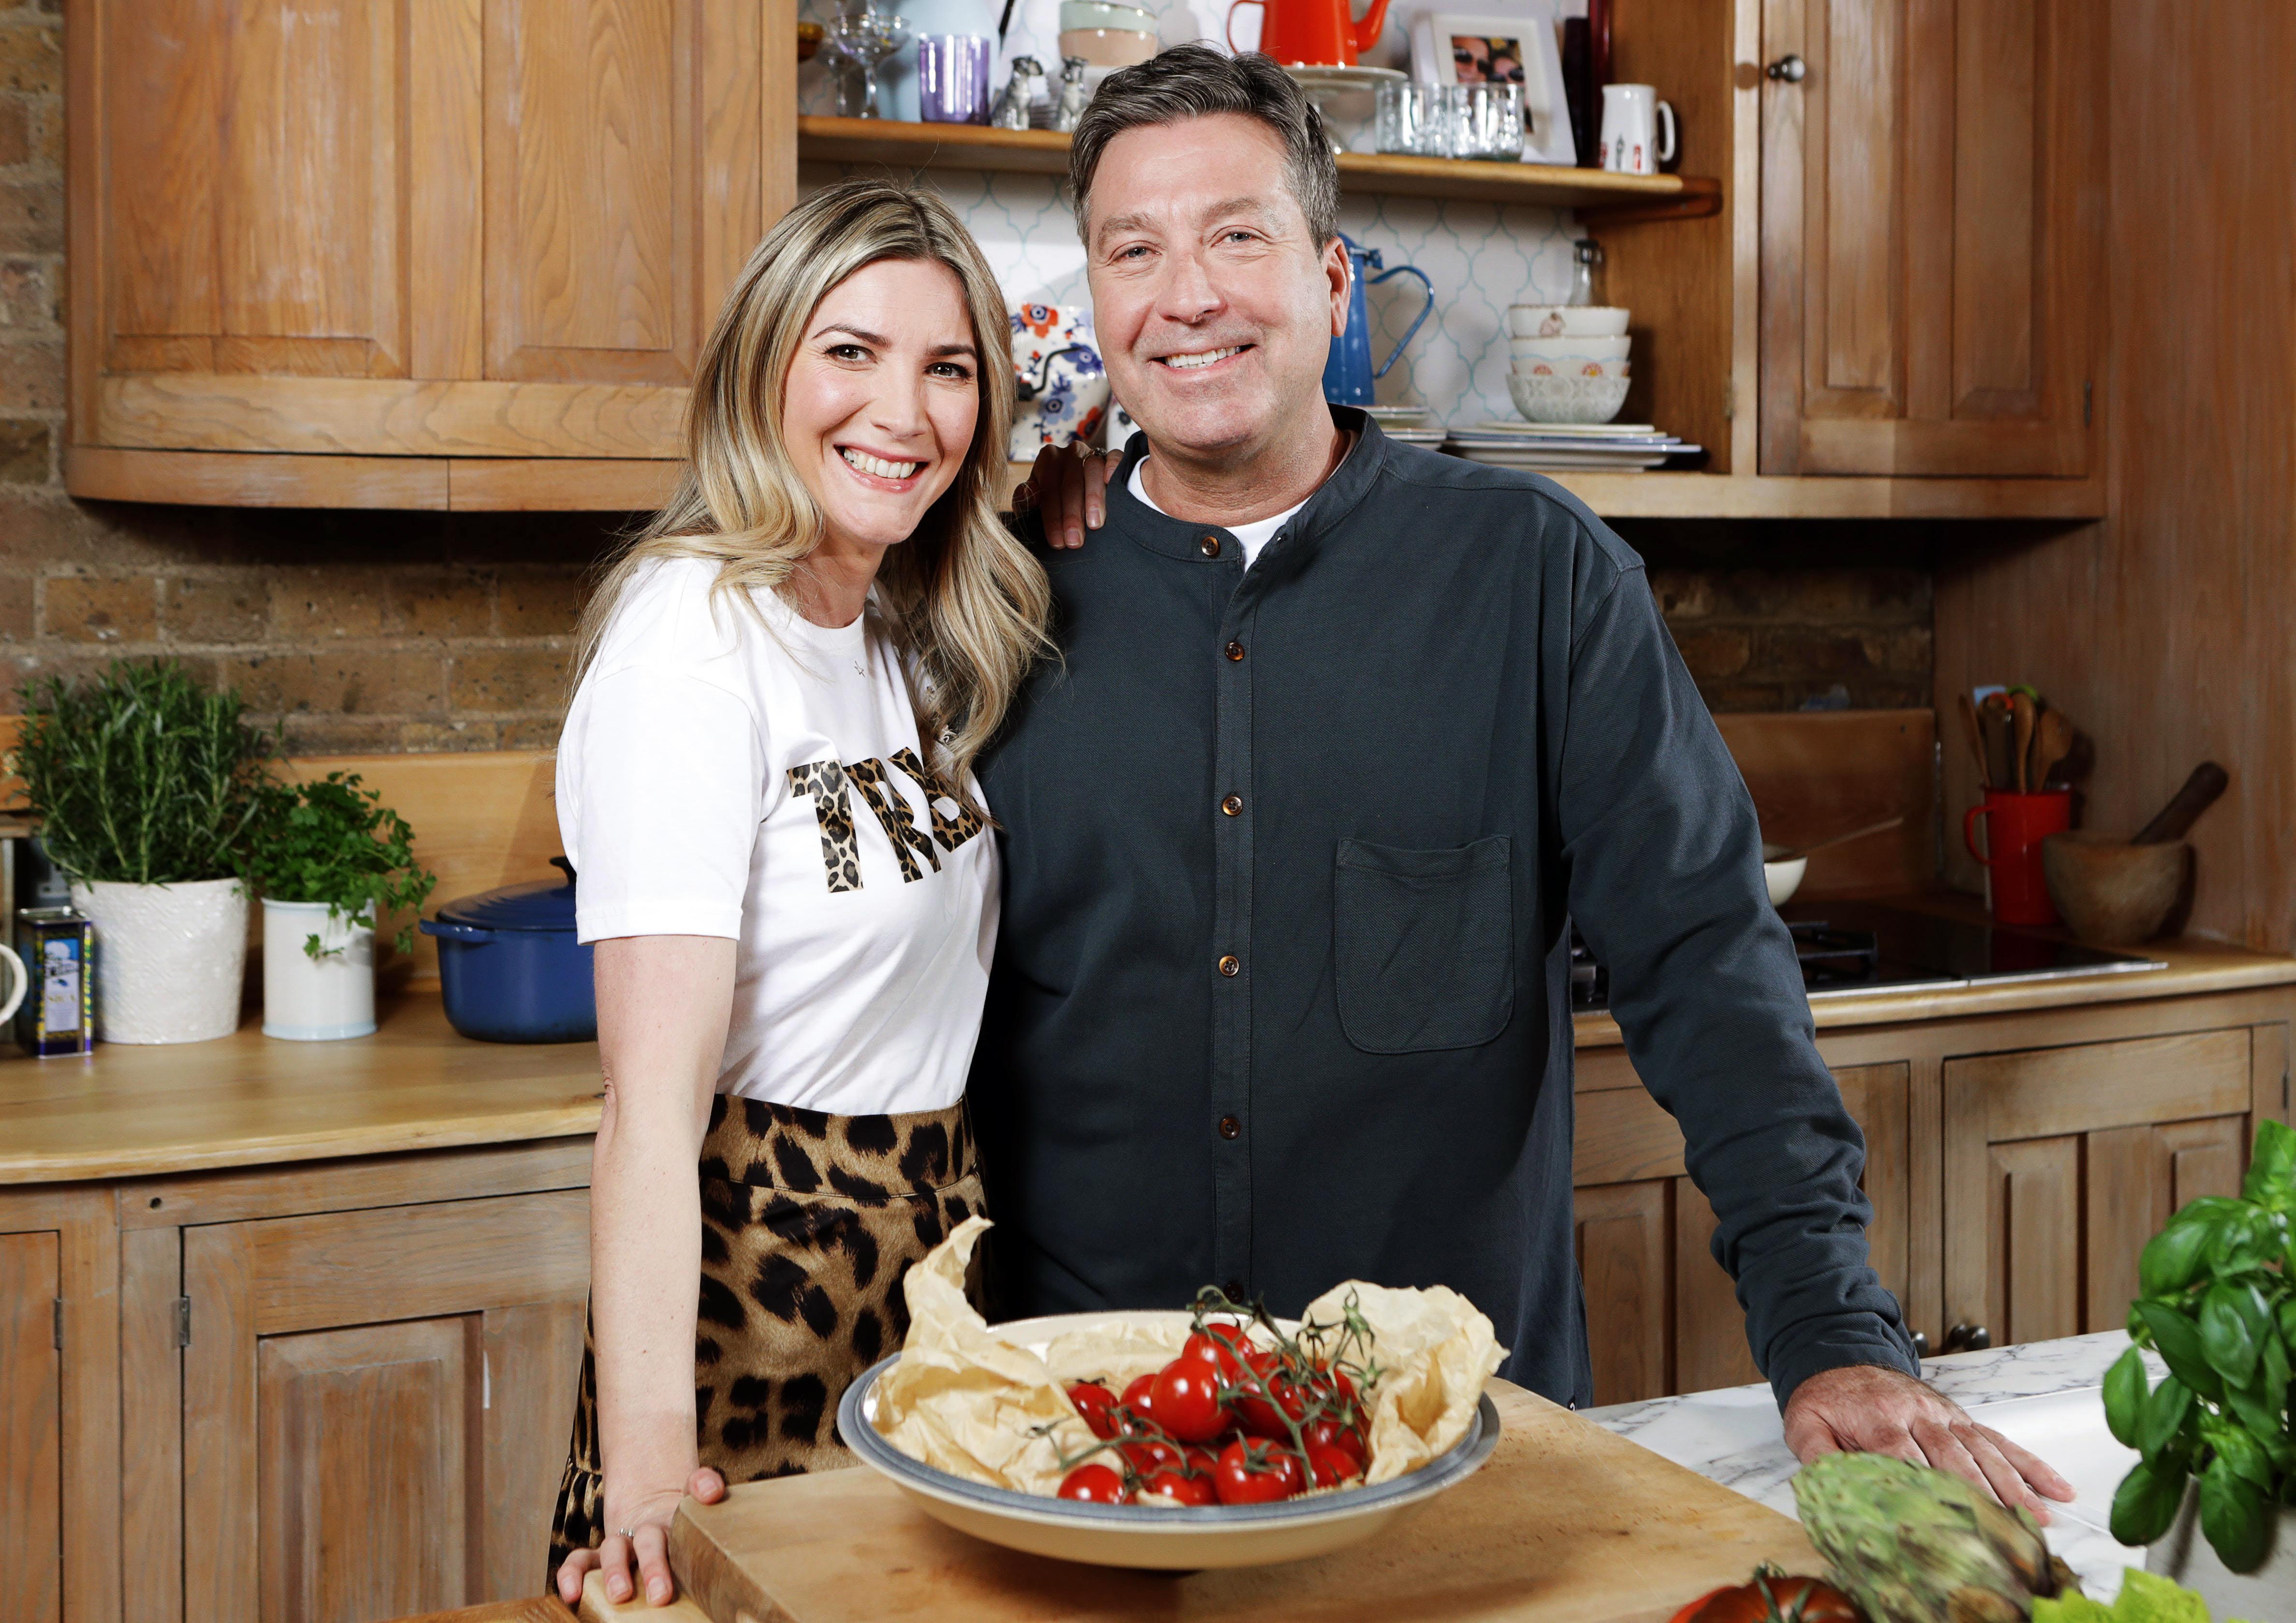 Spooks Star Turned Celebrity Chef Lisa Faulkner On Her Tv